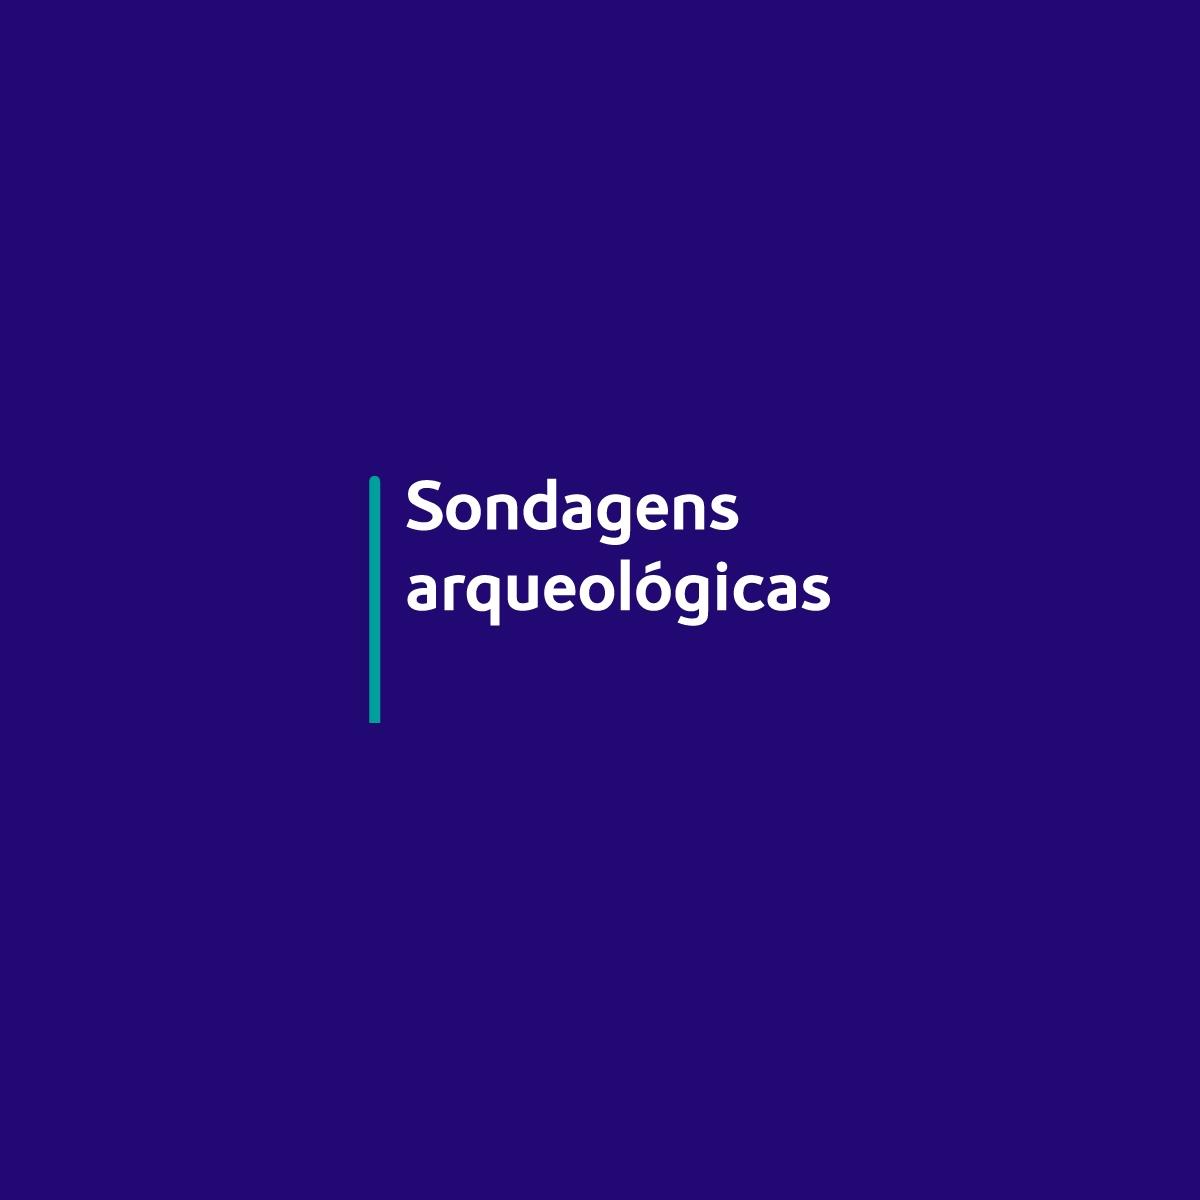 Metropolitano de Lisboa realiza sondagens arqueológicas no âmbito da linha circular